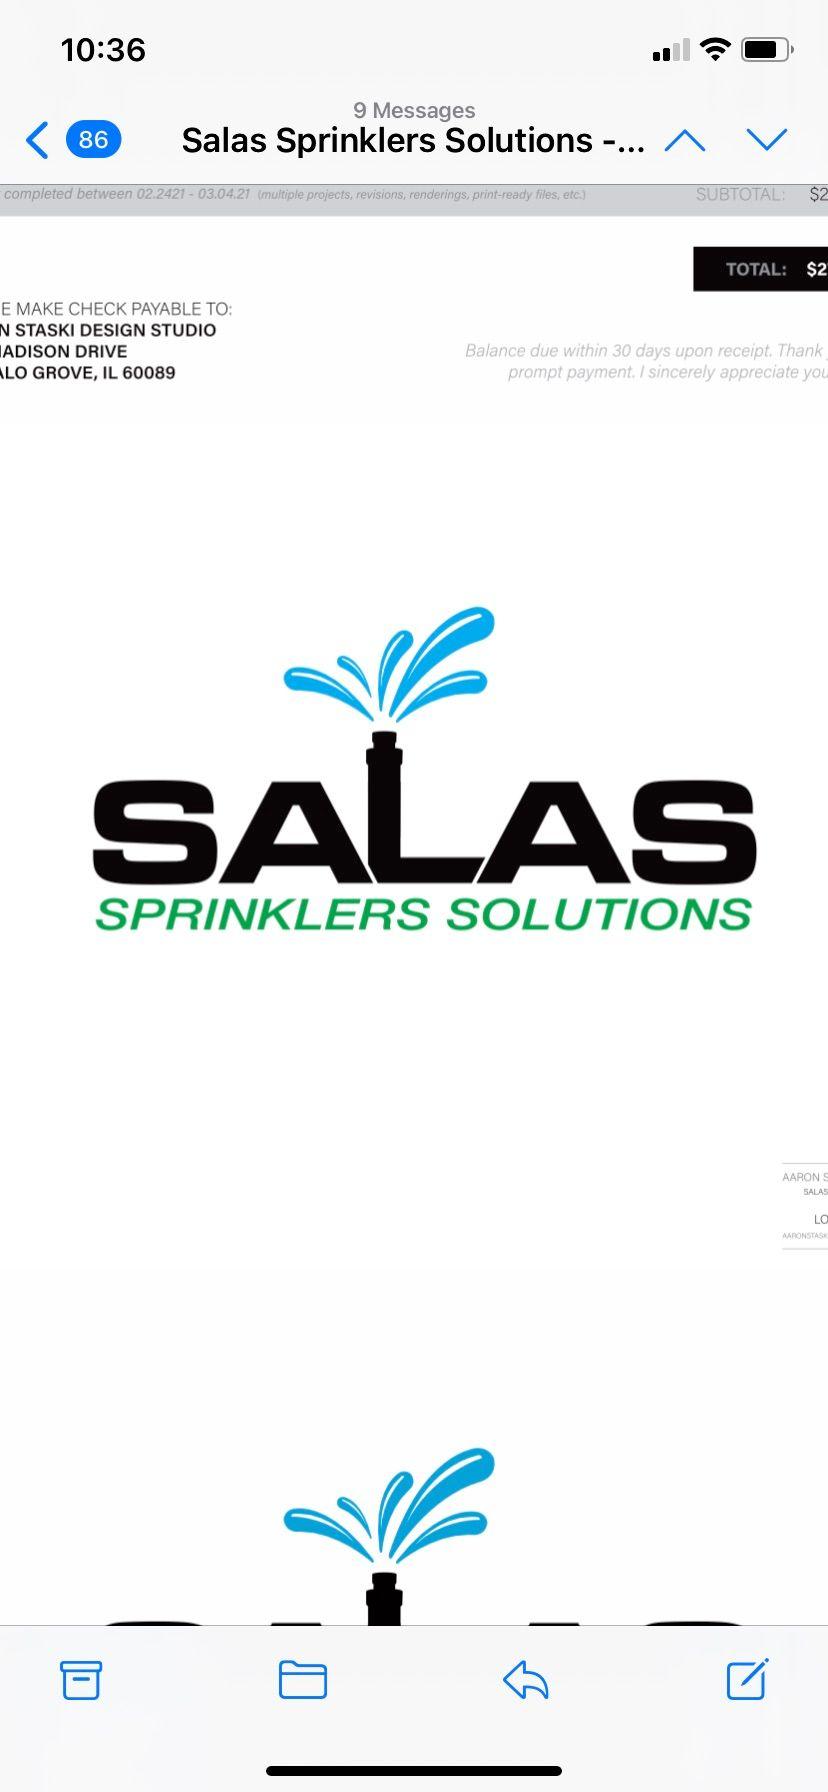 Salas Sprinklers Solutions